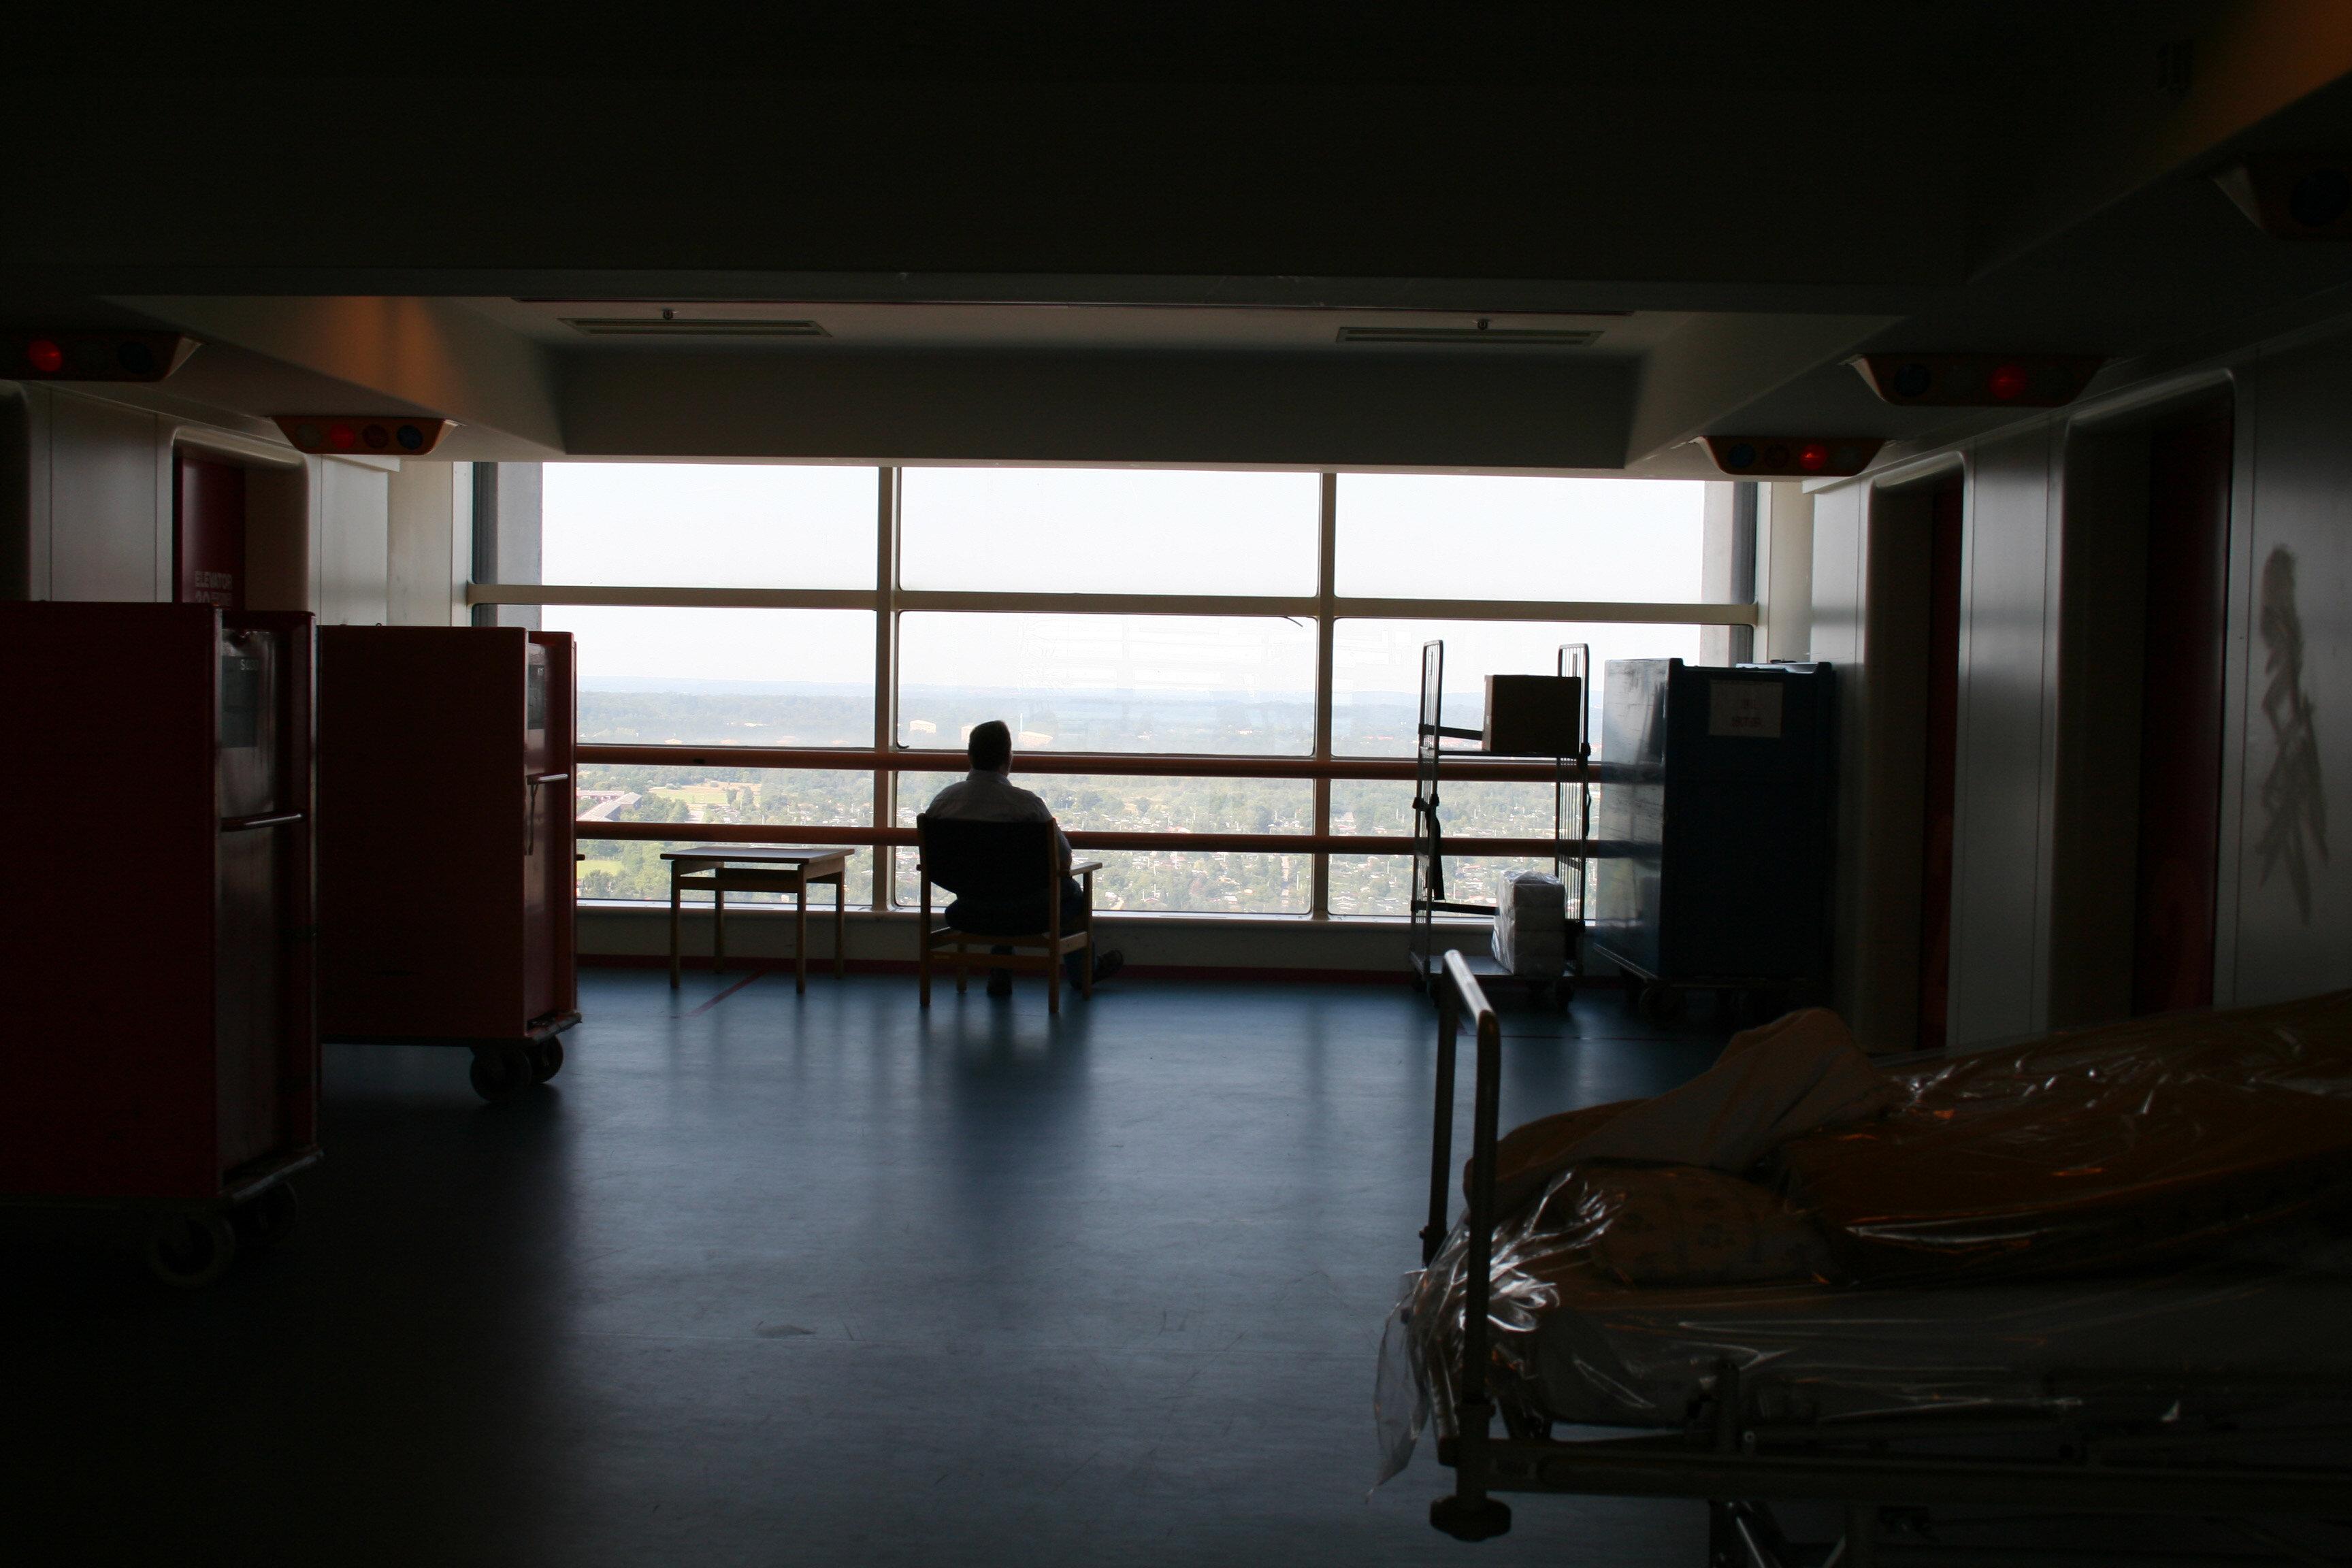 Niente cure per un malato di leucemia senza codice fiscale: l'ospedale si fa carico delle